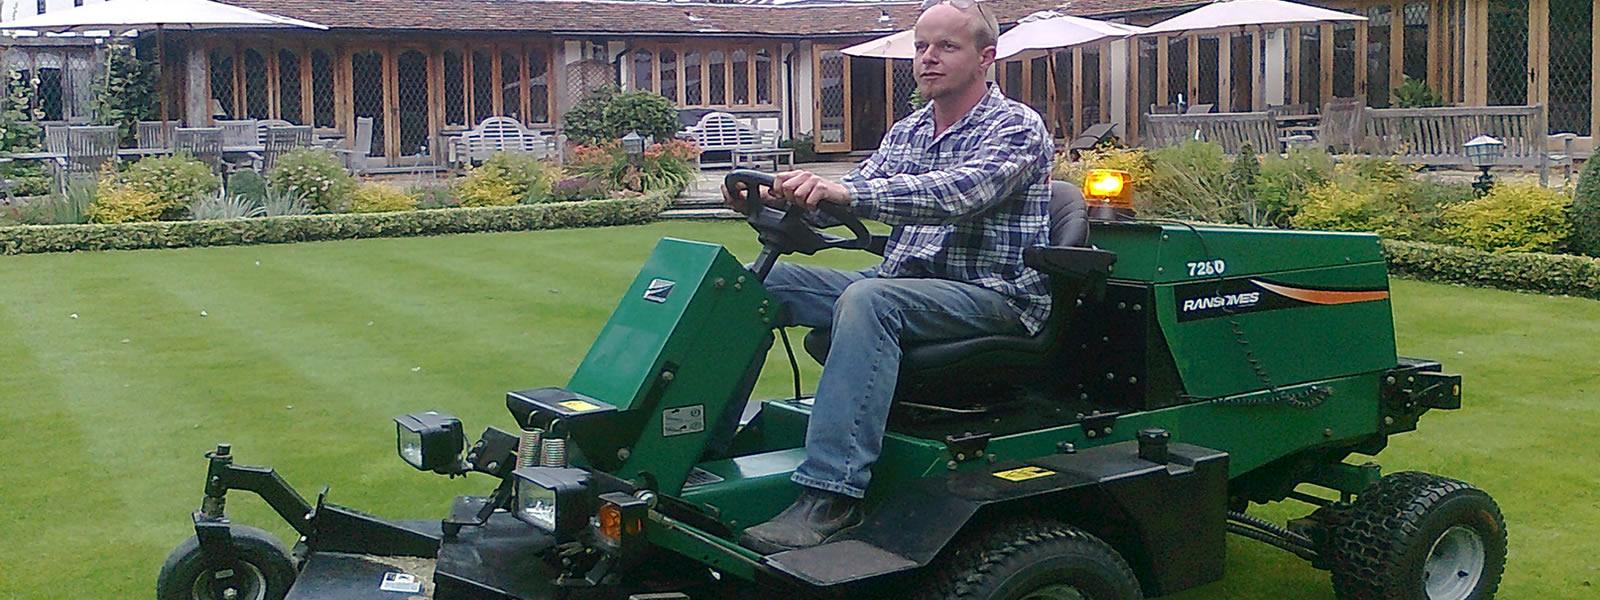 Jim-upson-riding-7260-ramstones-mower